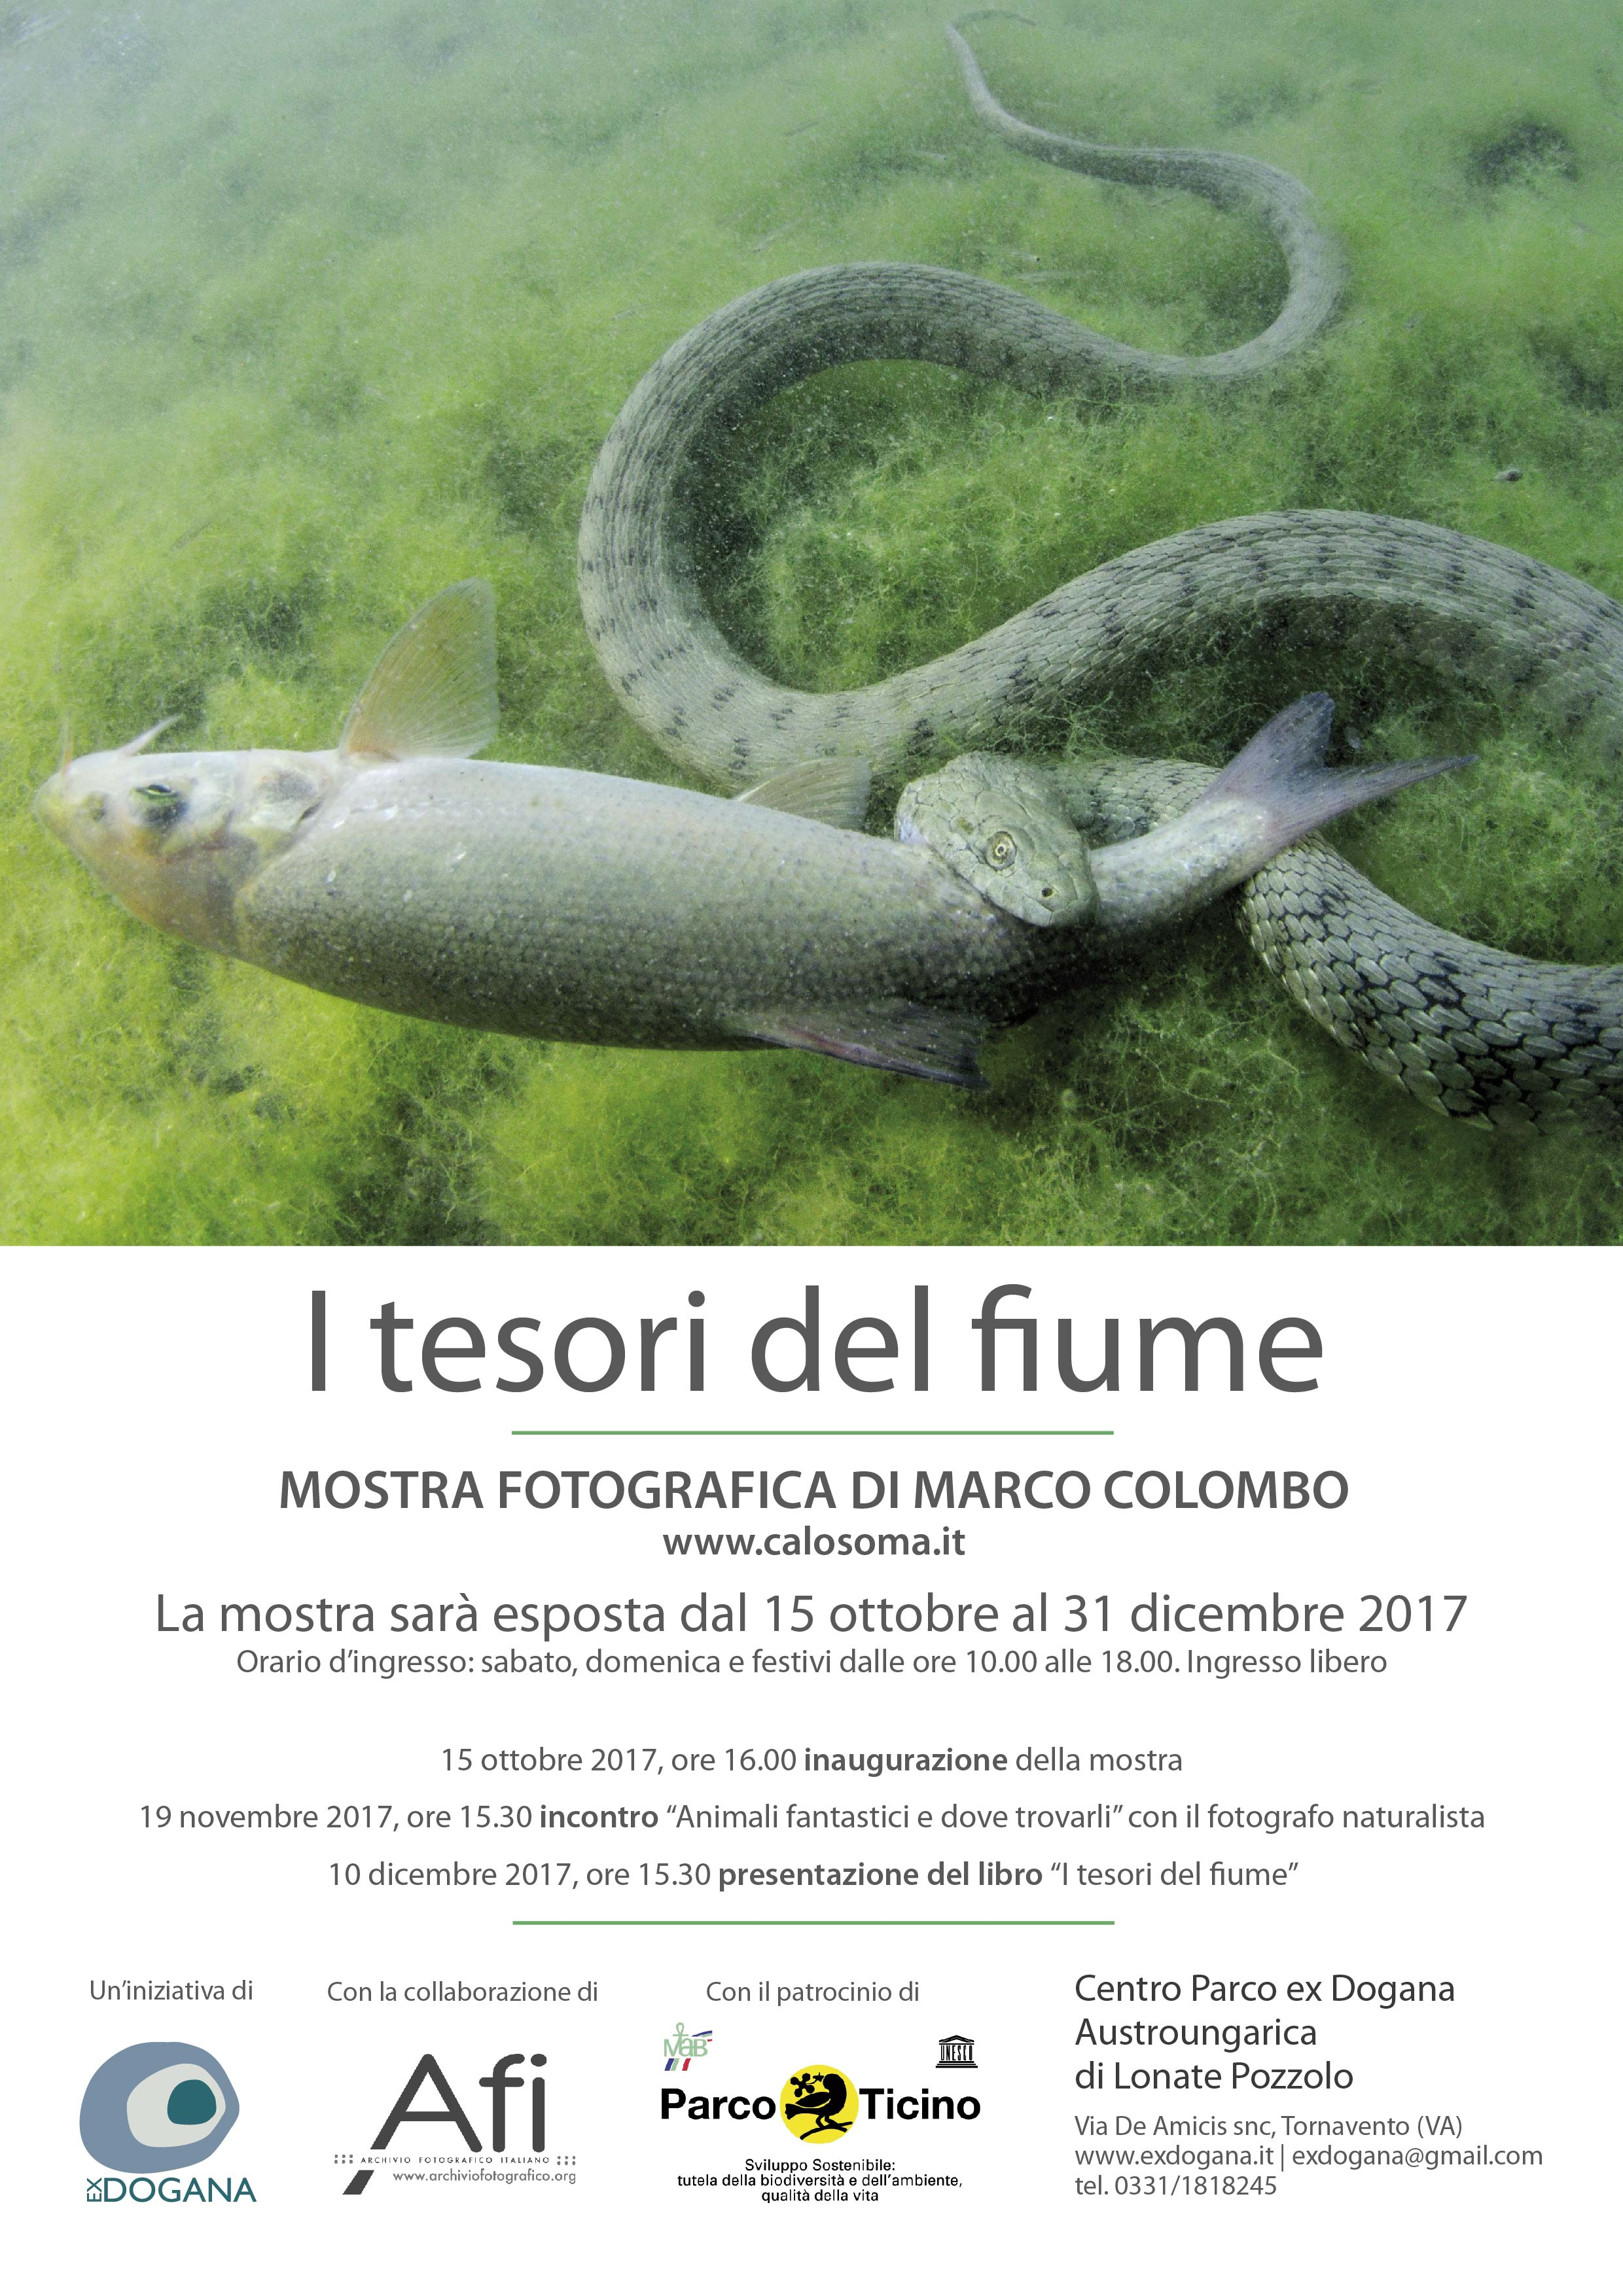 tesori_del_fiume-01